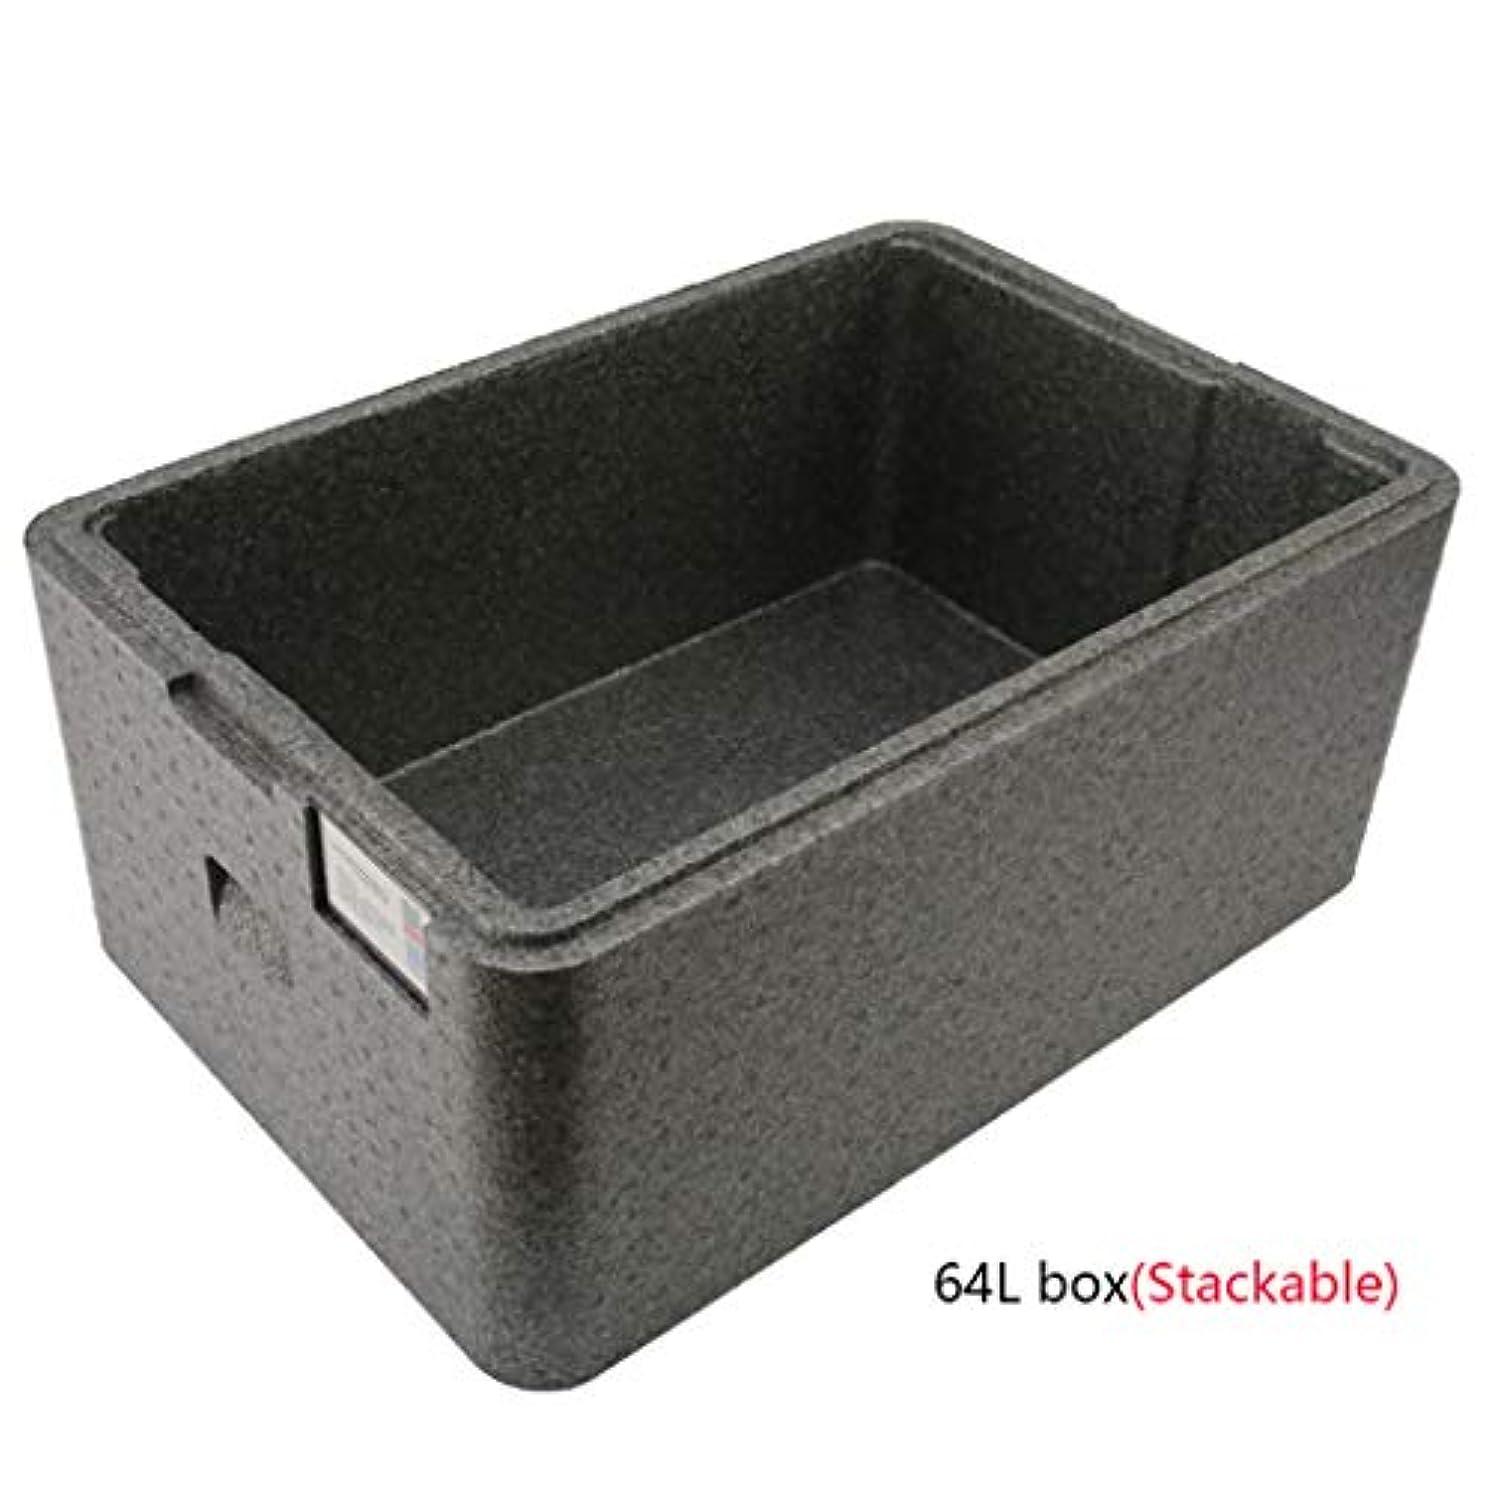 つかの間通信網厚くする屋外のより涼しい箱/インキュベーター箱、キャンプピクニックBBQ家族のための26L / 64L容量